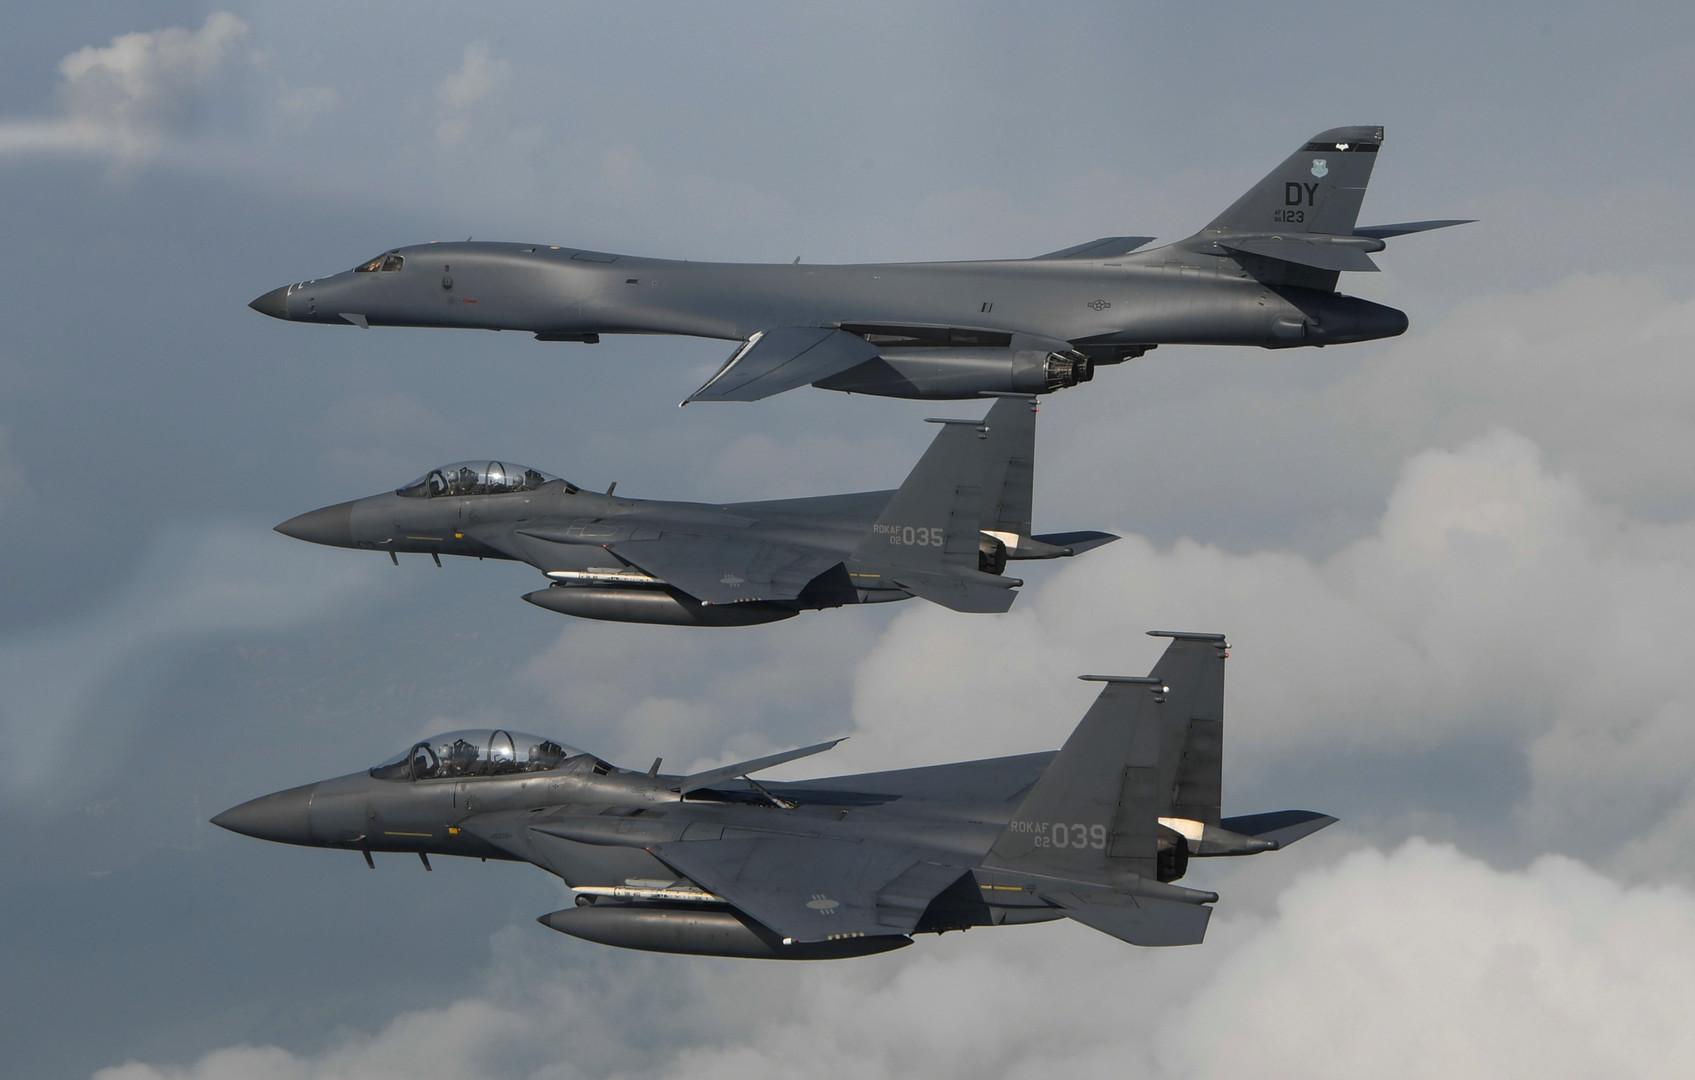 «Демонстрация решимости»: американские бомбардировщики пролетели вдоль береговой линии Северной Кореи